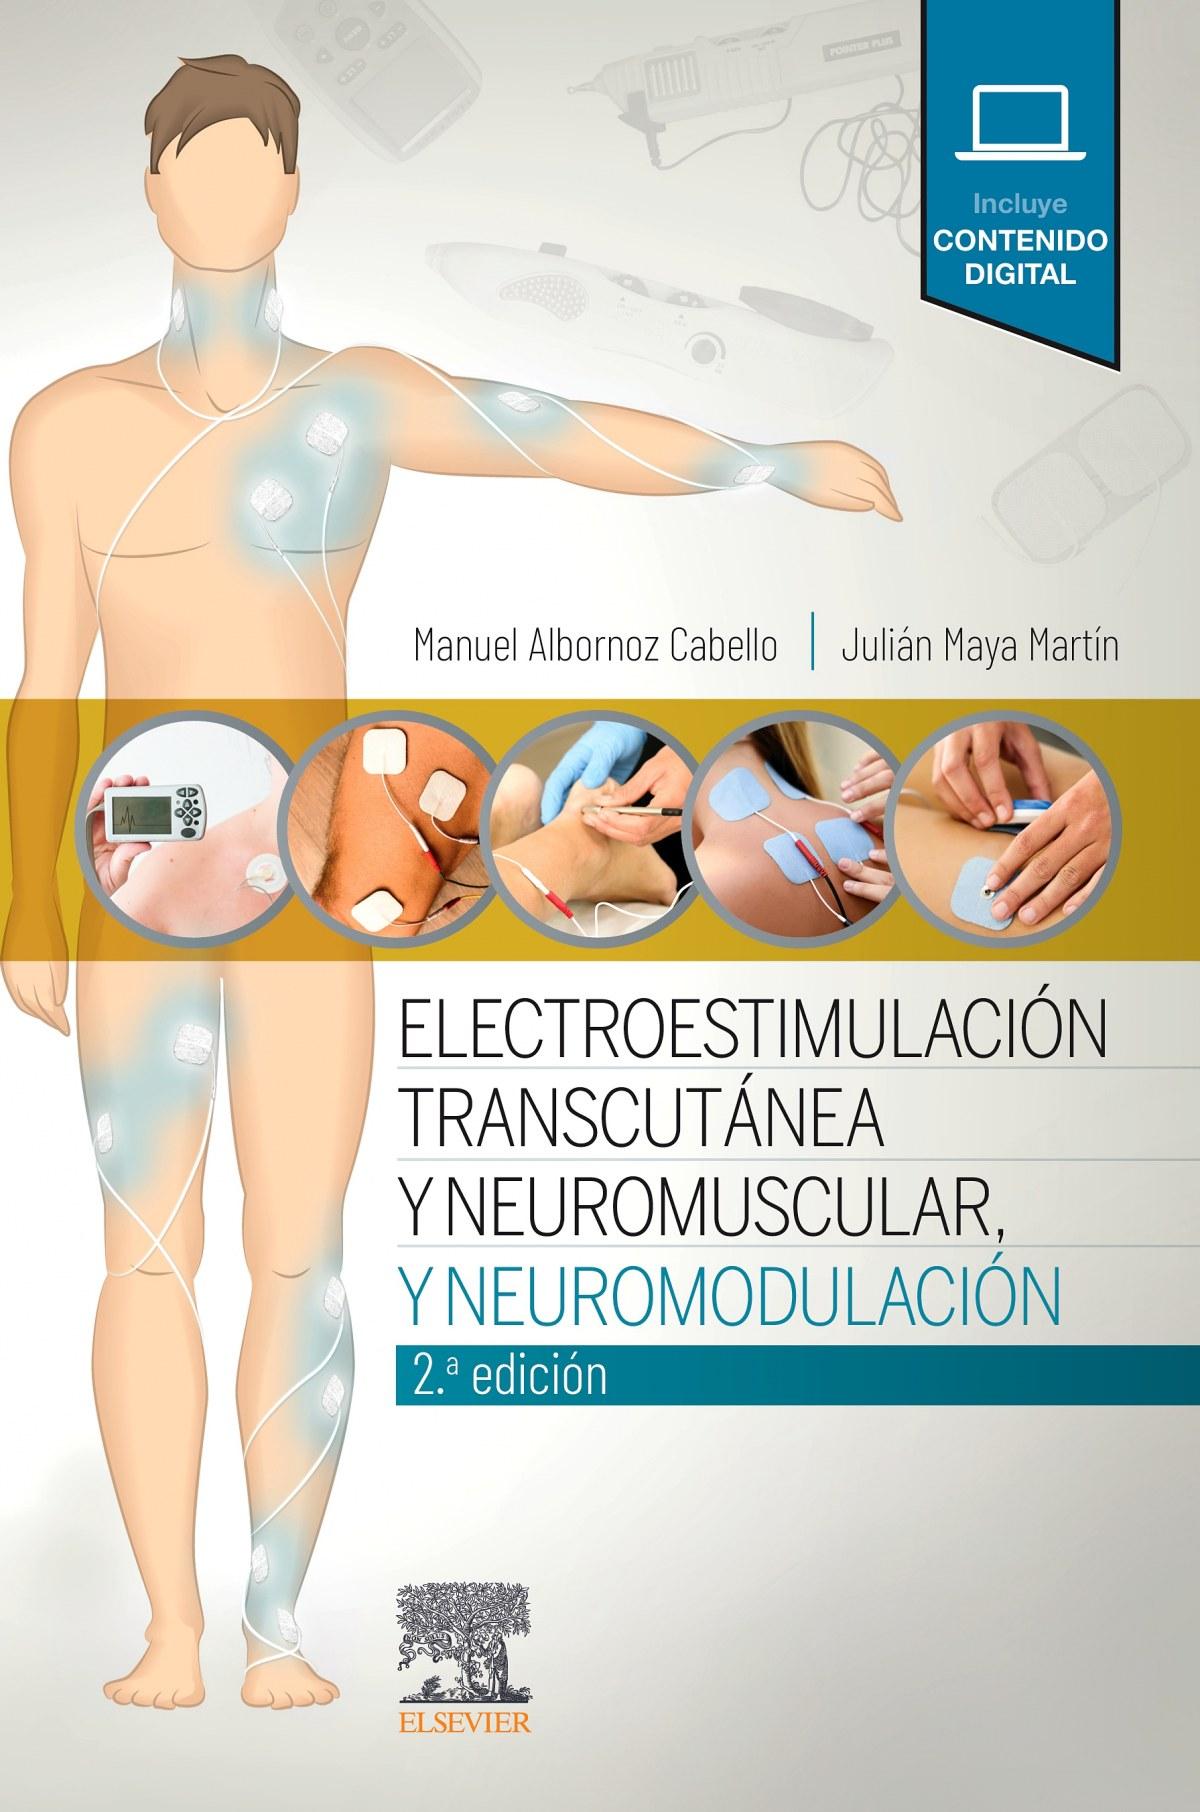 Electroestimulación transcutánea, neuromuscular y neuromodulación